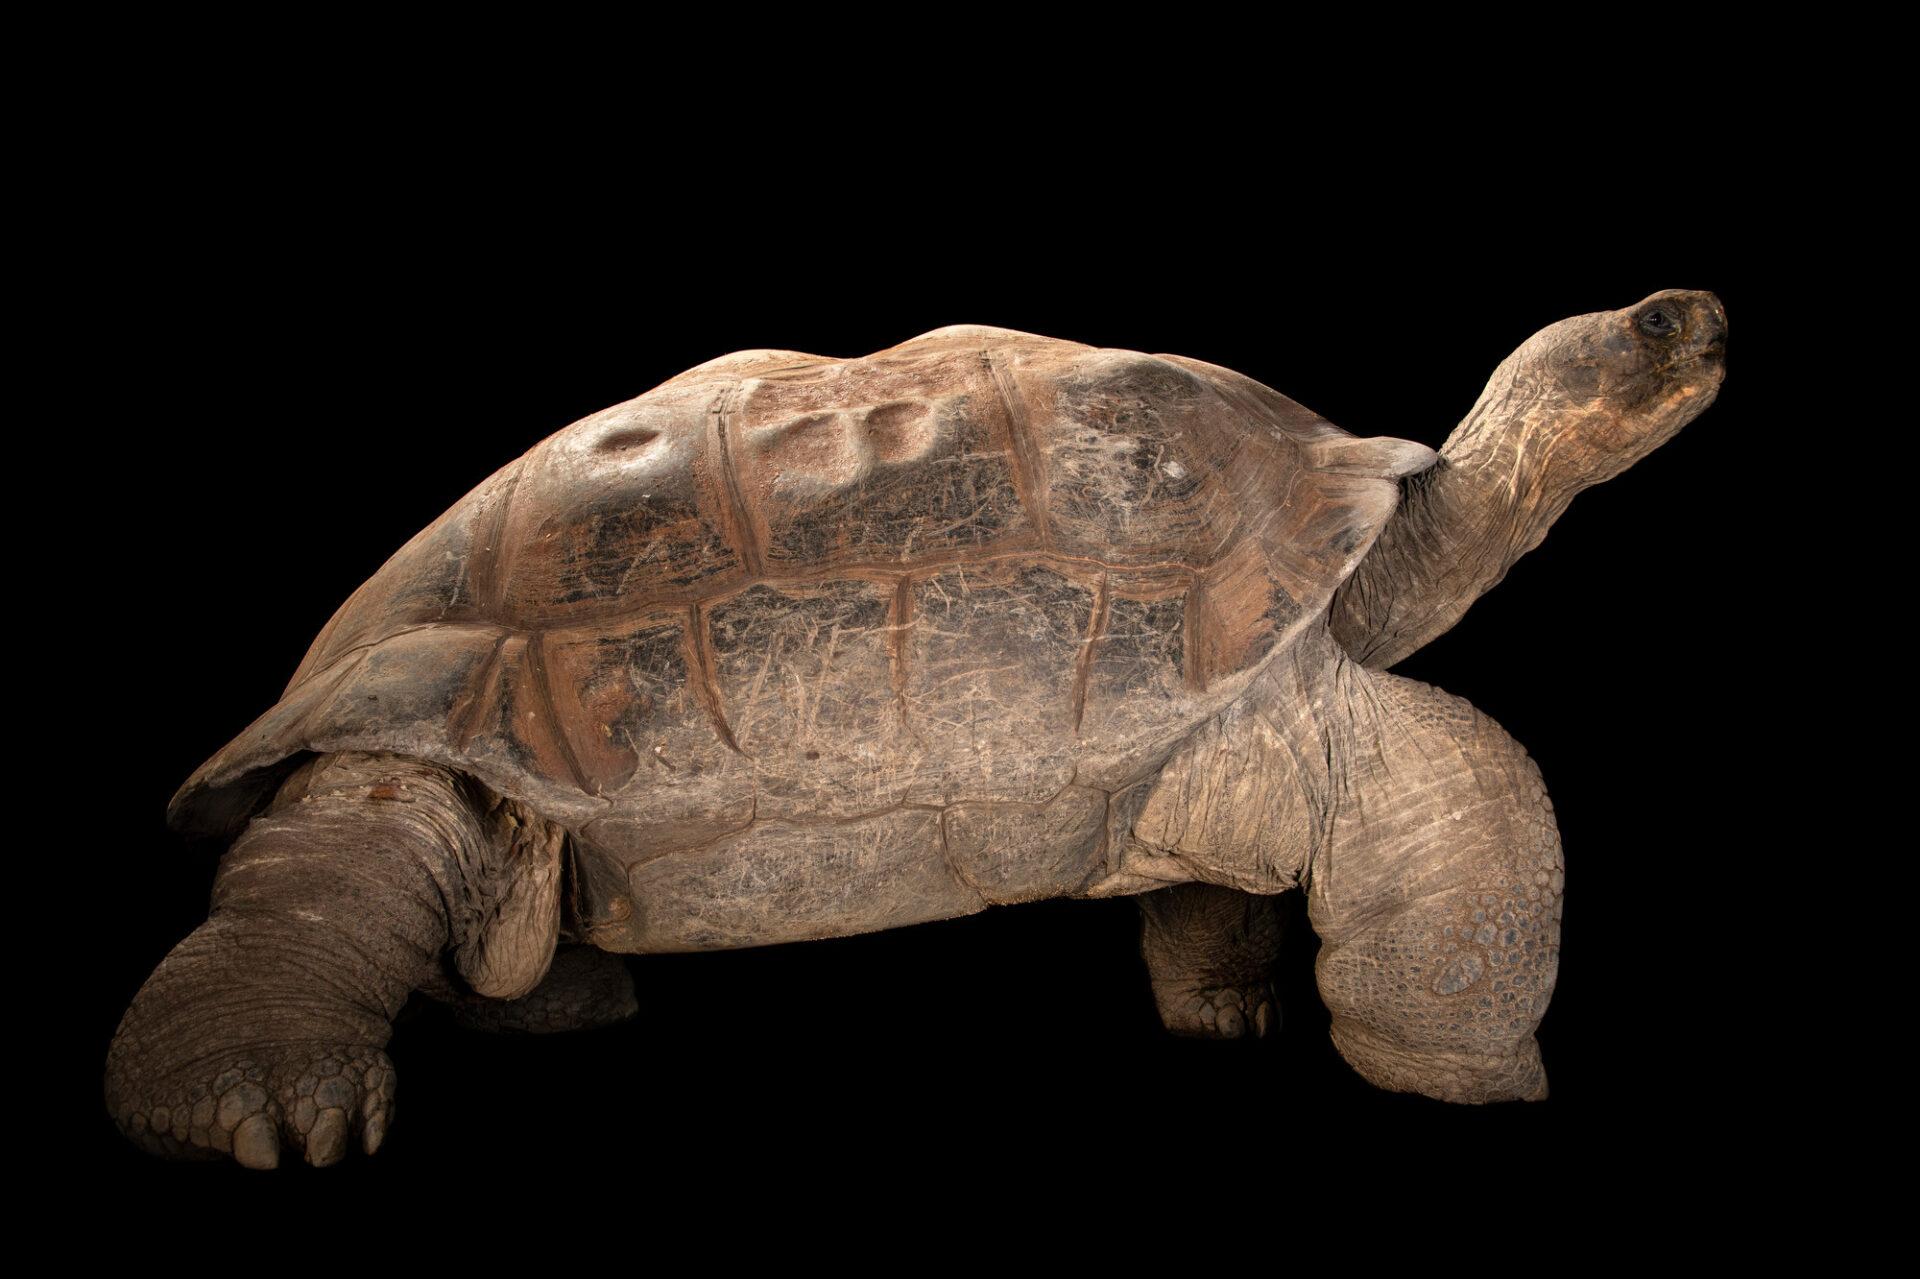 Photo: A Santa Cruz Galapagos tortoise (Chelonoidis porteri) at the Prague Zoo.